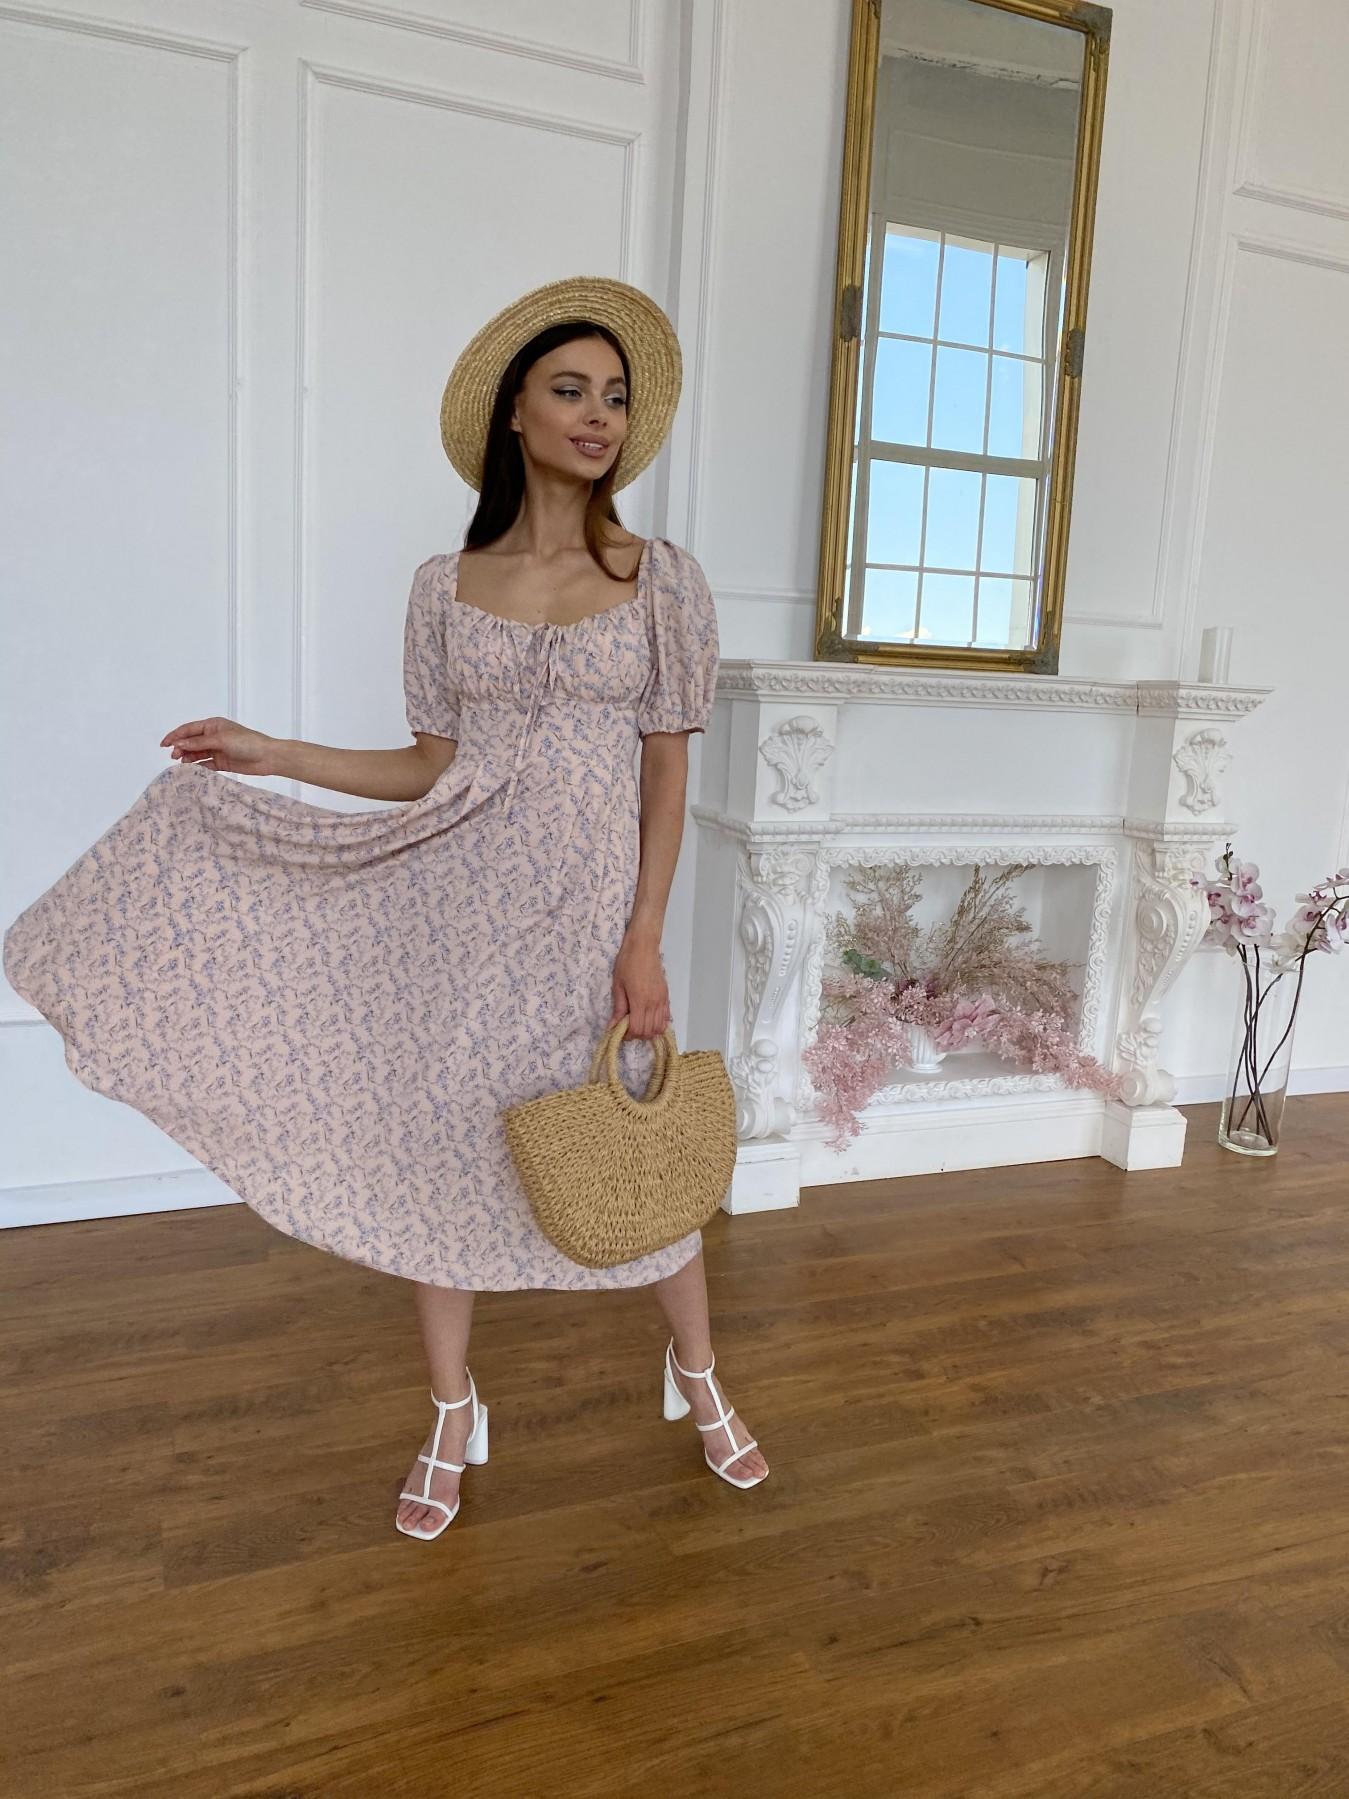 Кисес Миди платье из софт ткани в принт 11348 Цвет: Пудра/ландыш